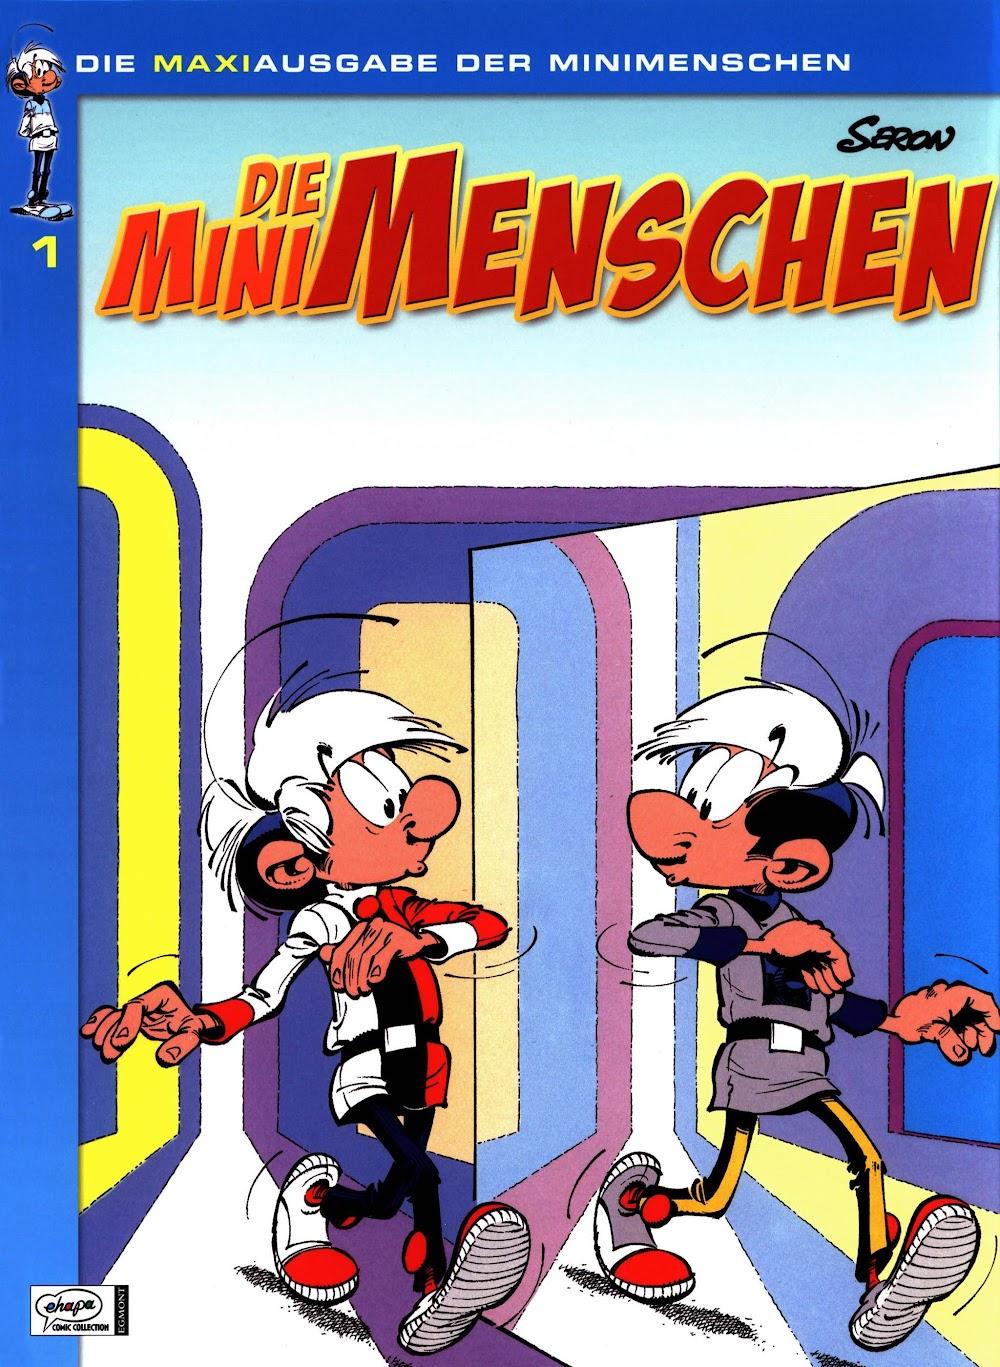 Die Minimenschen - Maxiausgabe (2008) - komplett